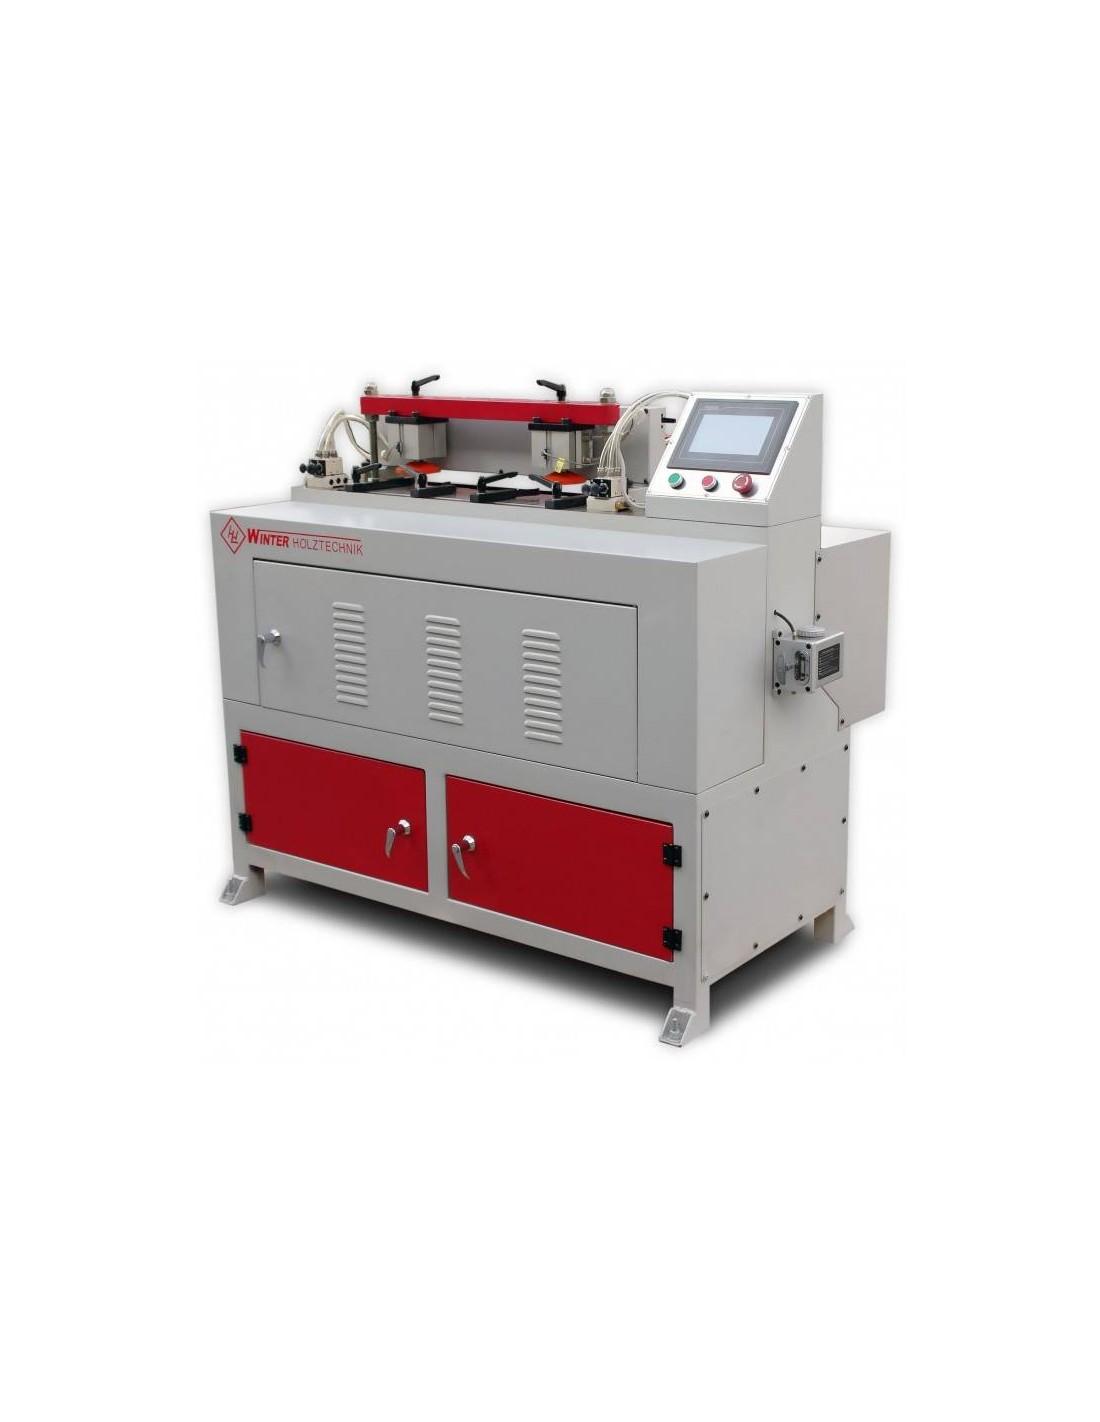 Masina pentru frezat imbinari in coada de randunica Winter CNC-500